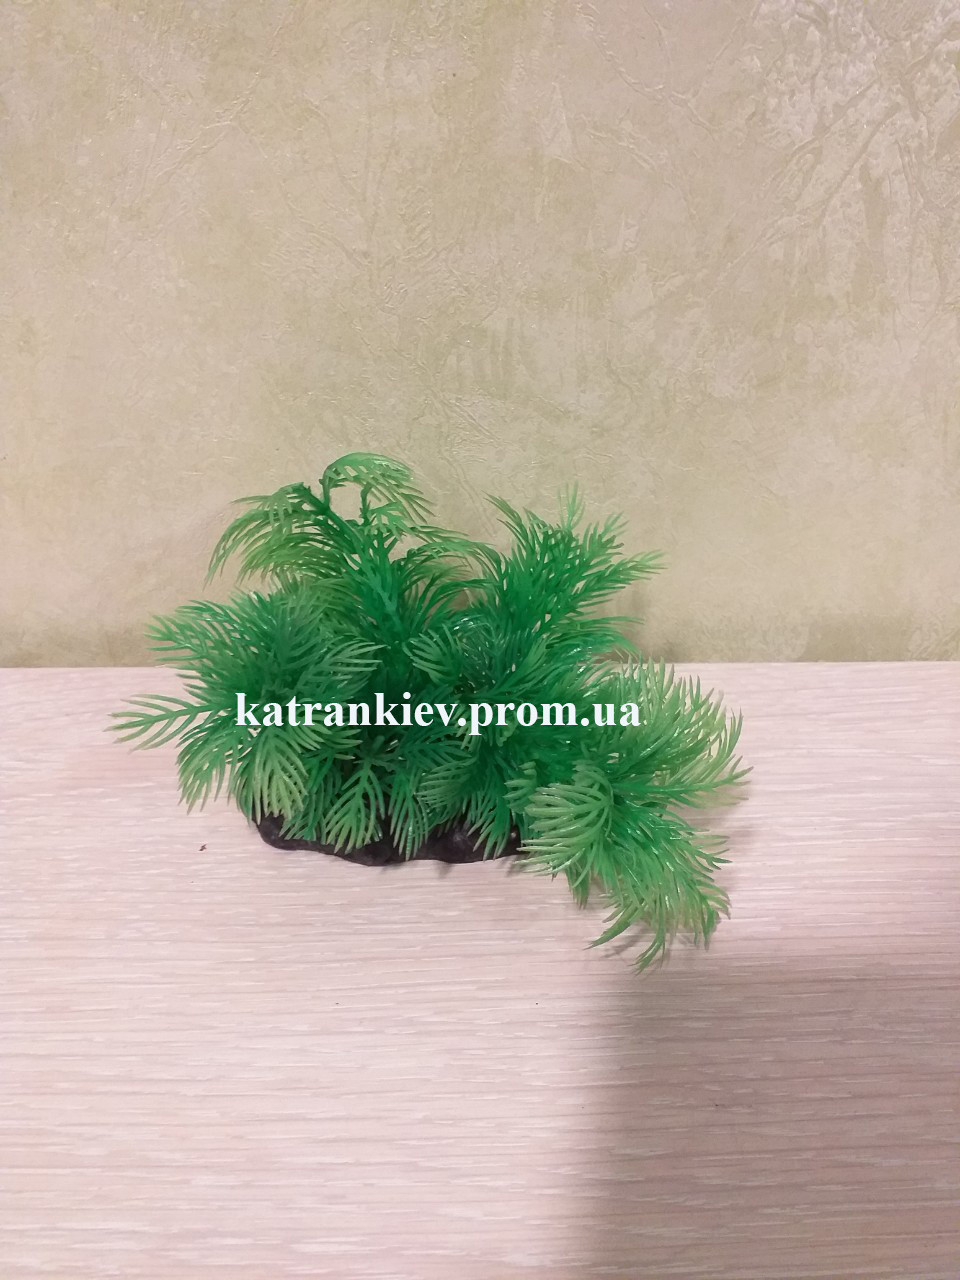 Штучне рослина в акваріум 8 см